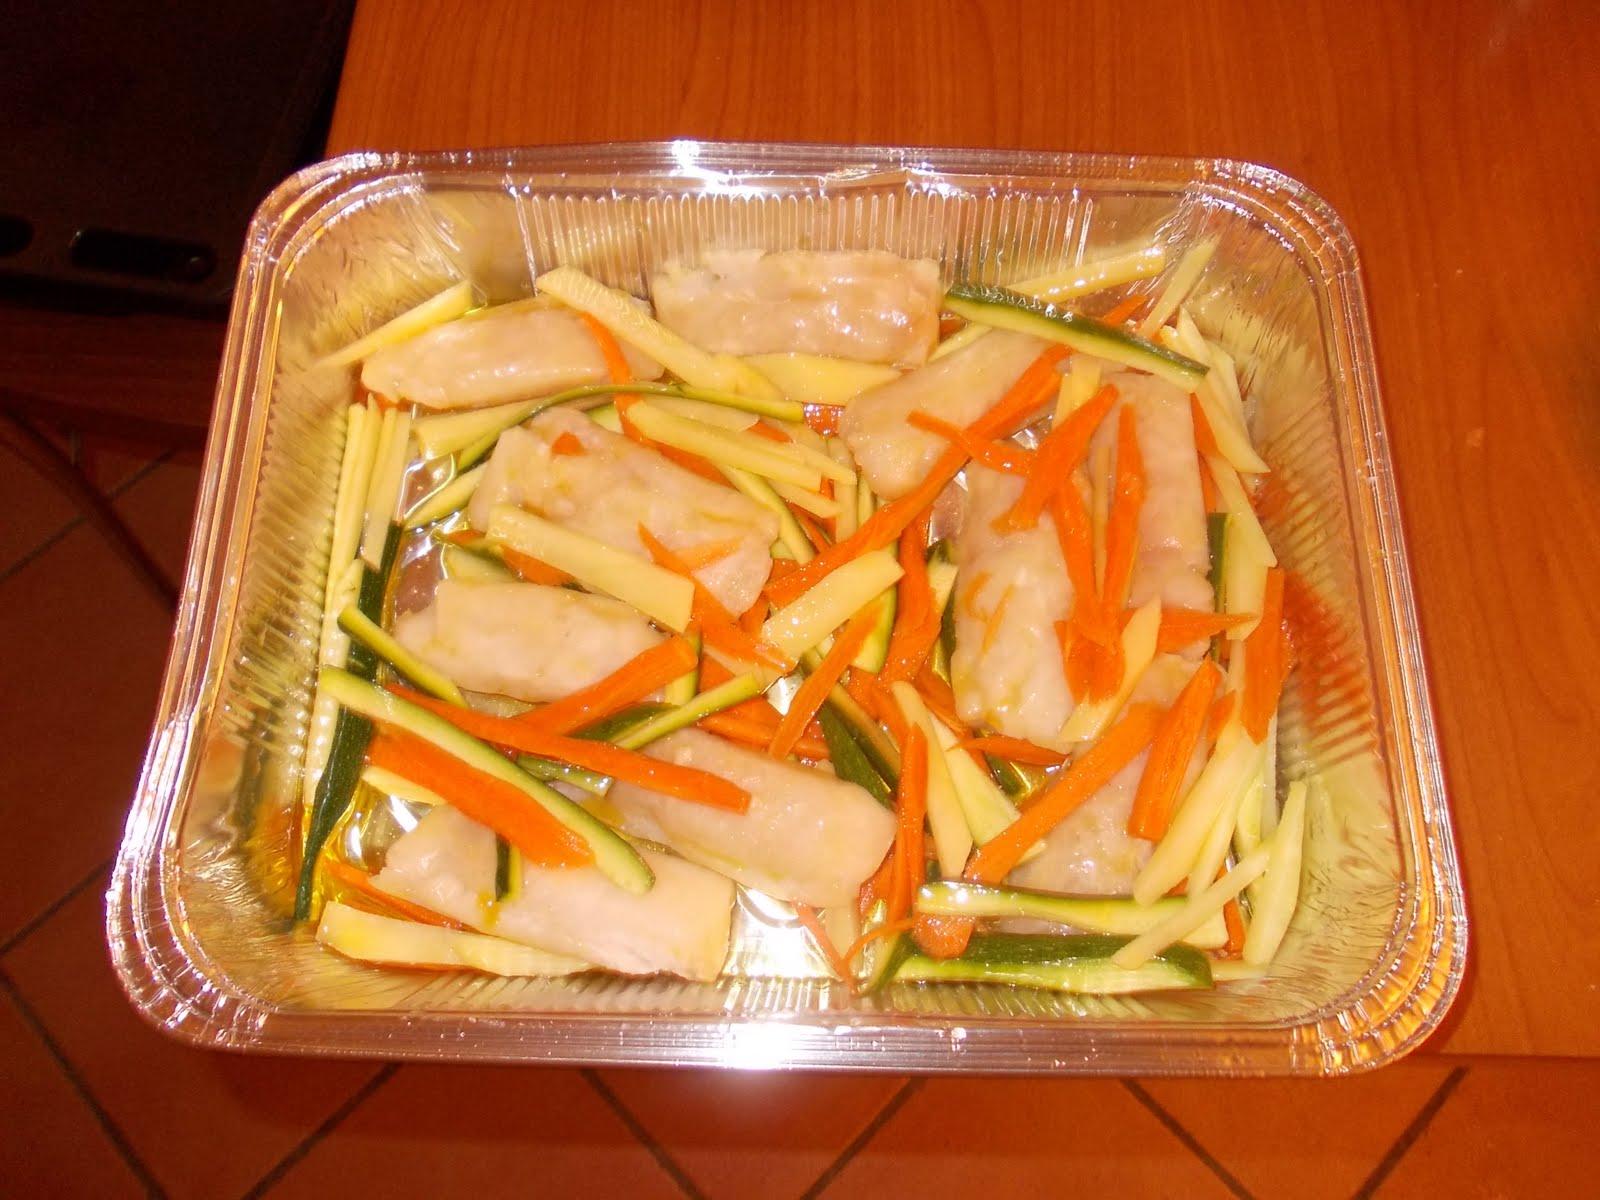 La cucina di mrg filetti di merluzzo al forno con for Verdure alla julienne